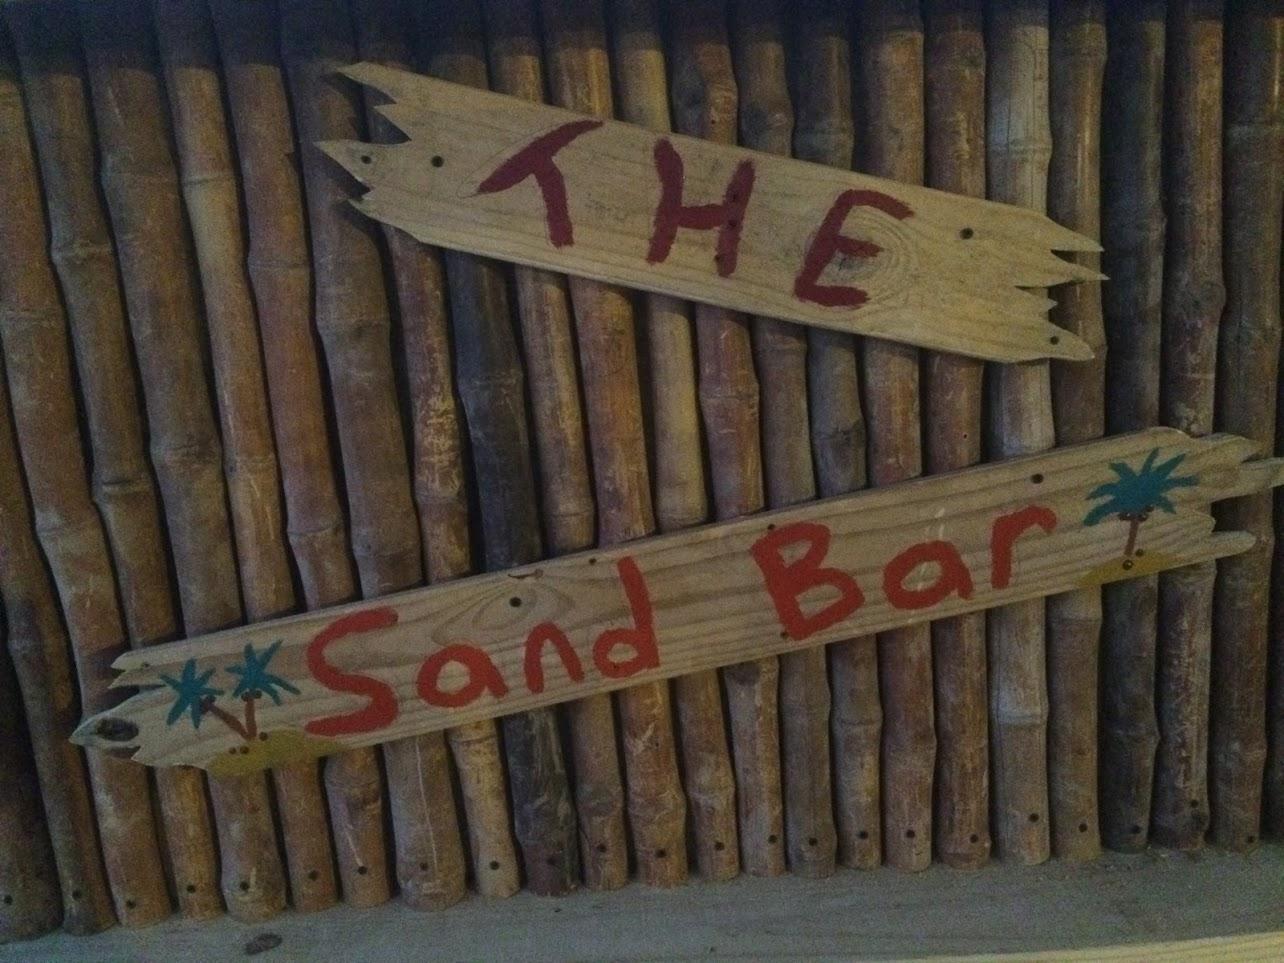 sandbar2